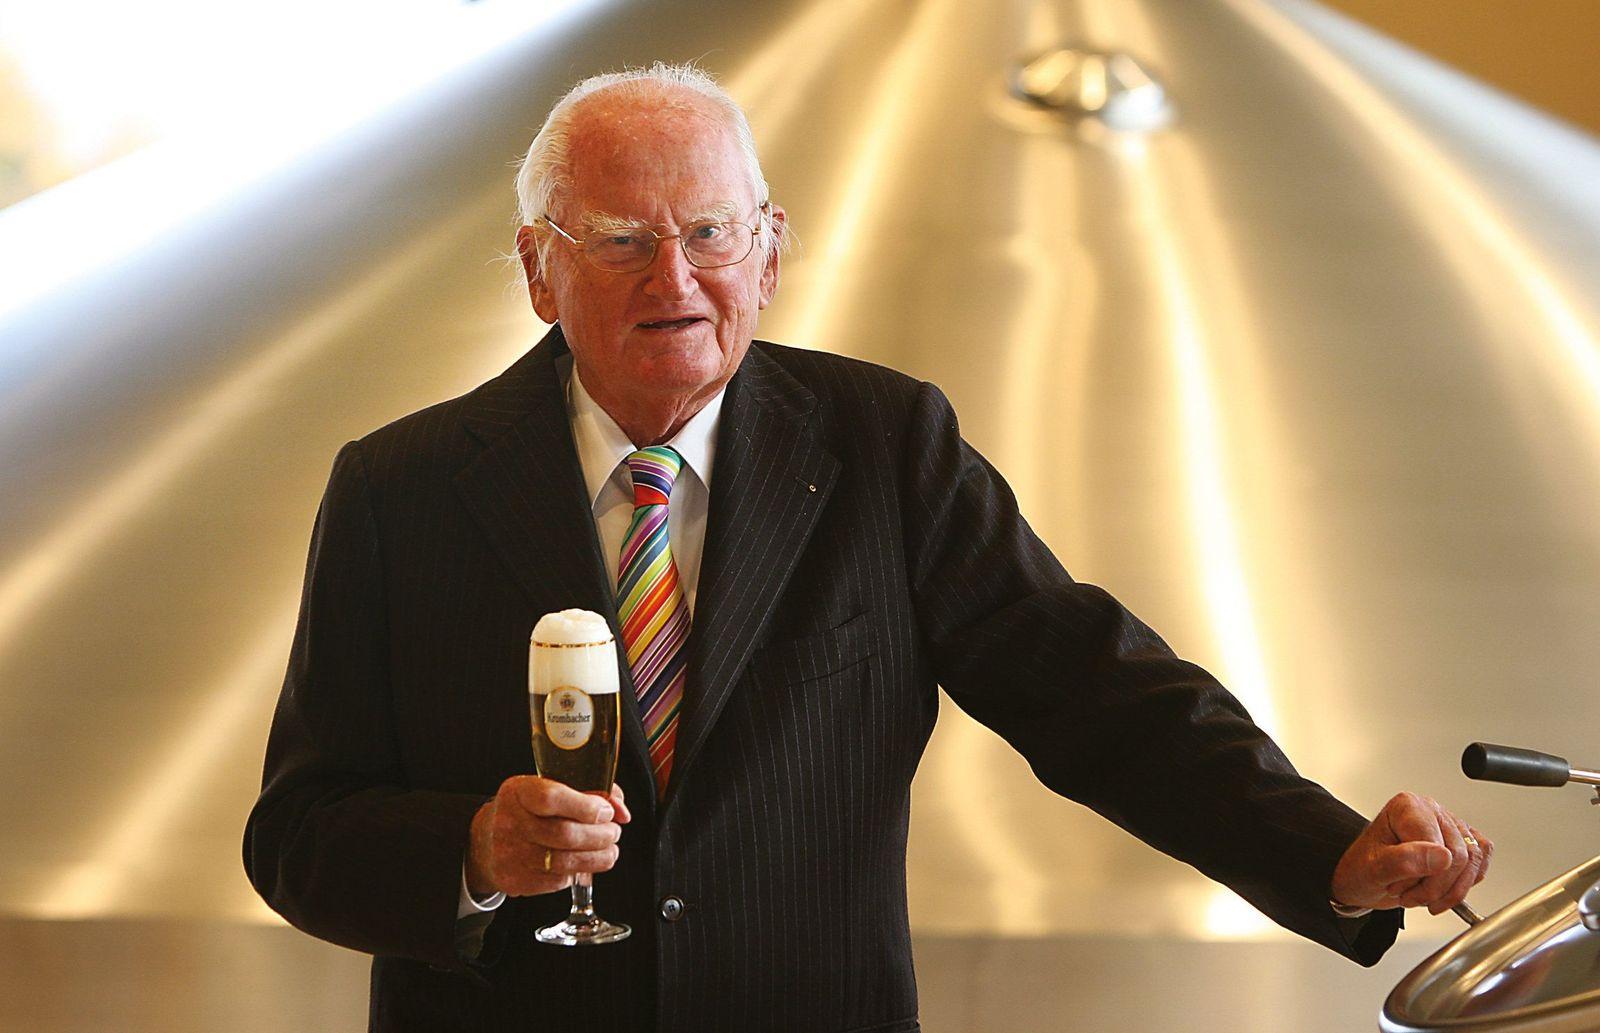 Krombacher-Seniorchef Schadeberg mit 98 Jahren gestorben